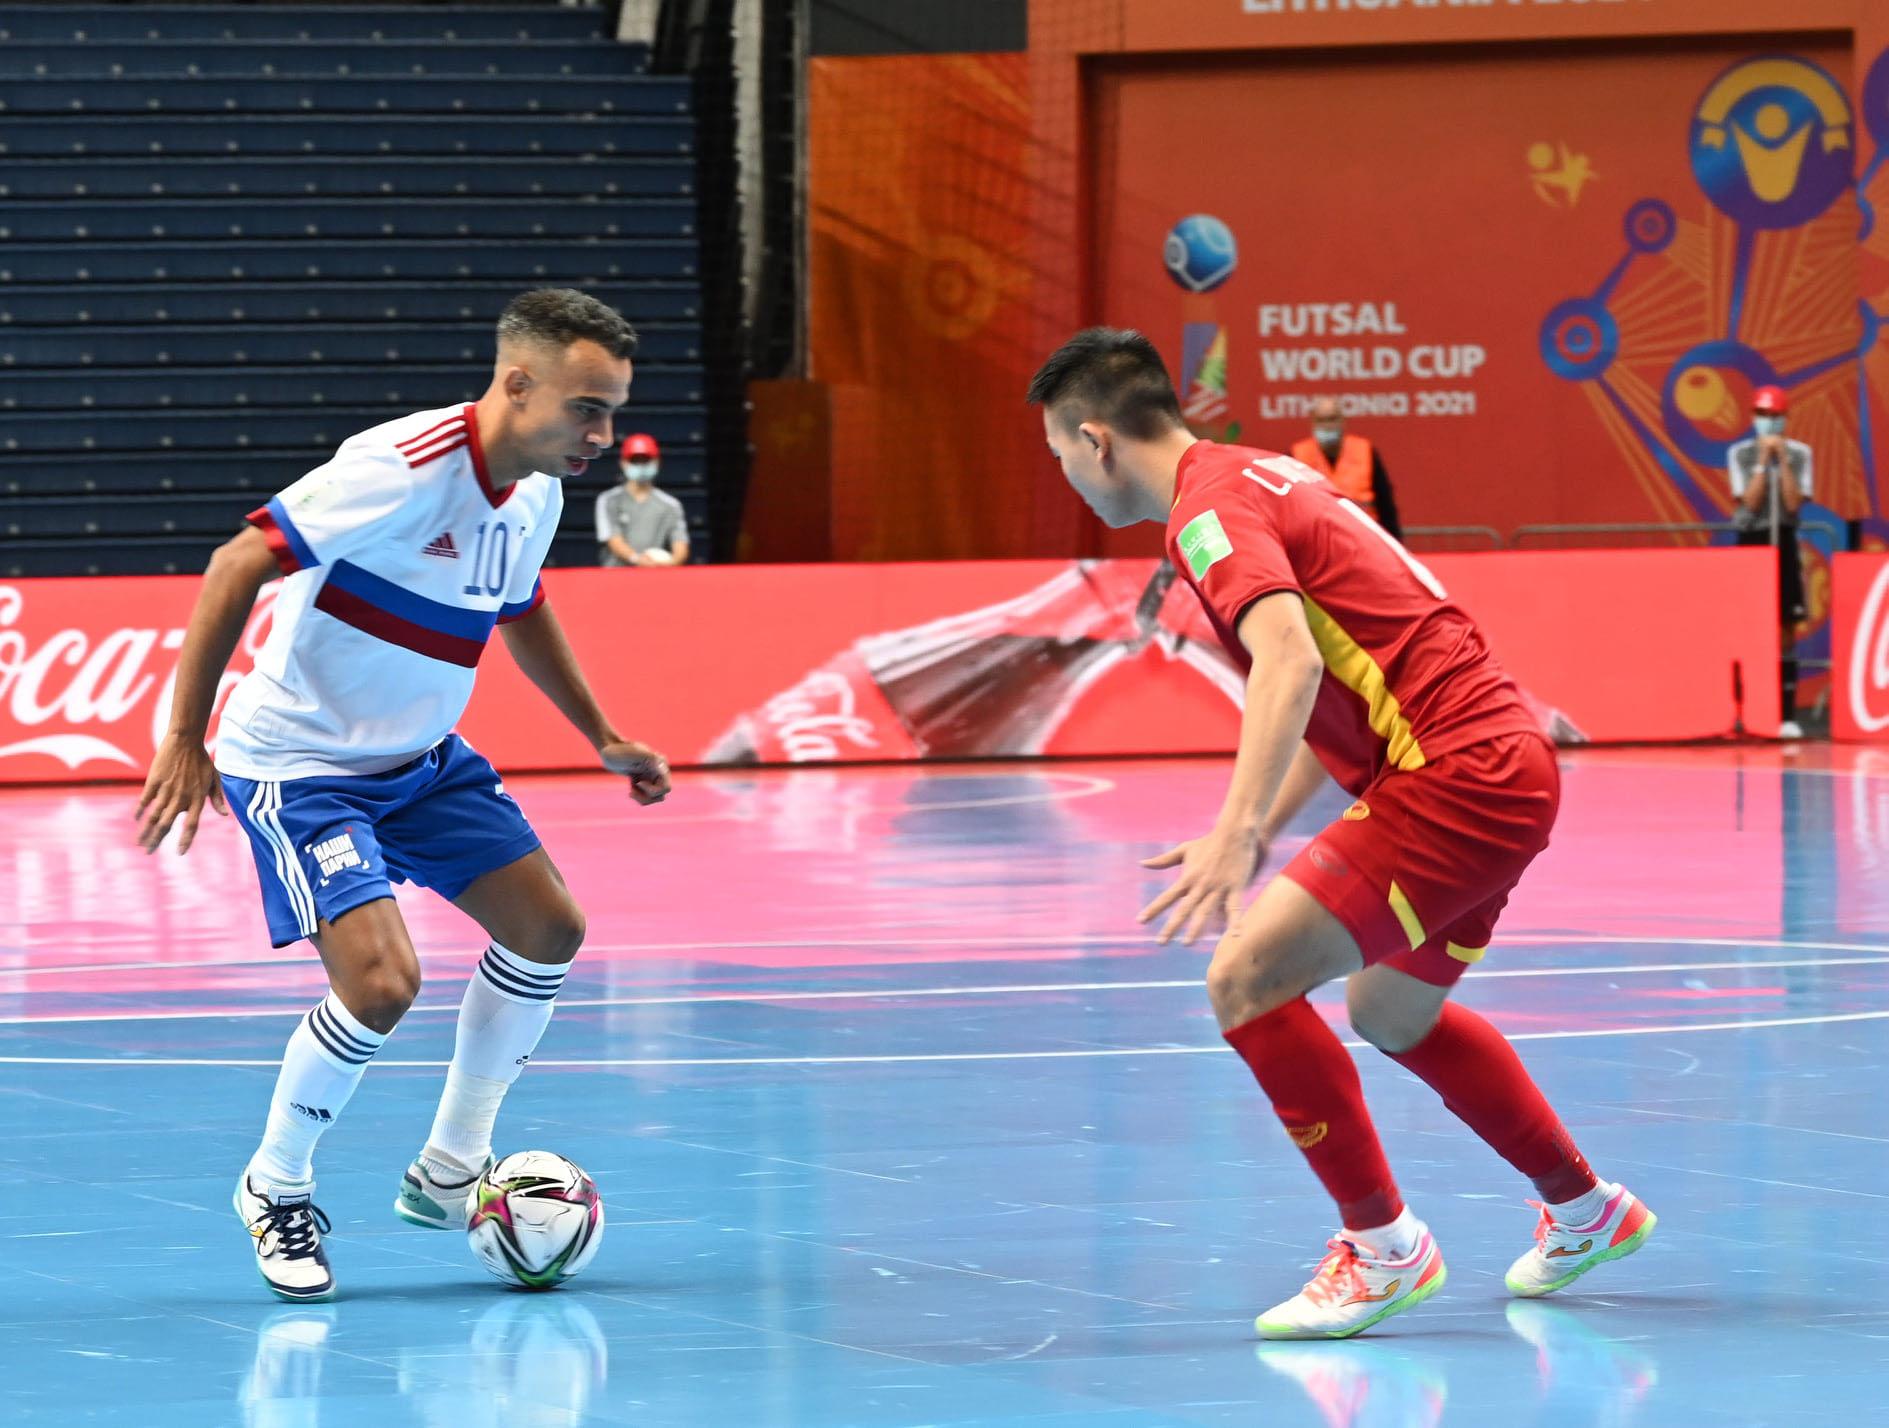 Mang ý chí kiên cường, đội tuyển futsal Việt Nam thua sát nút 2-3 Nga -0